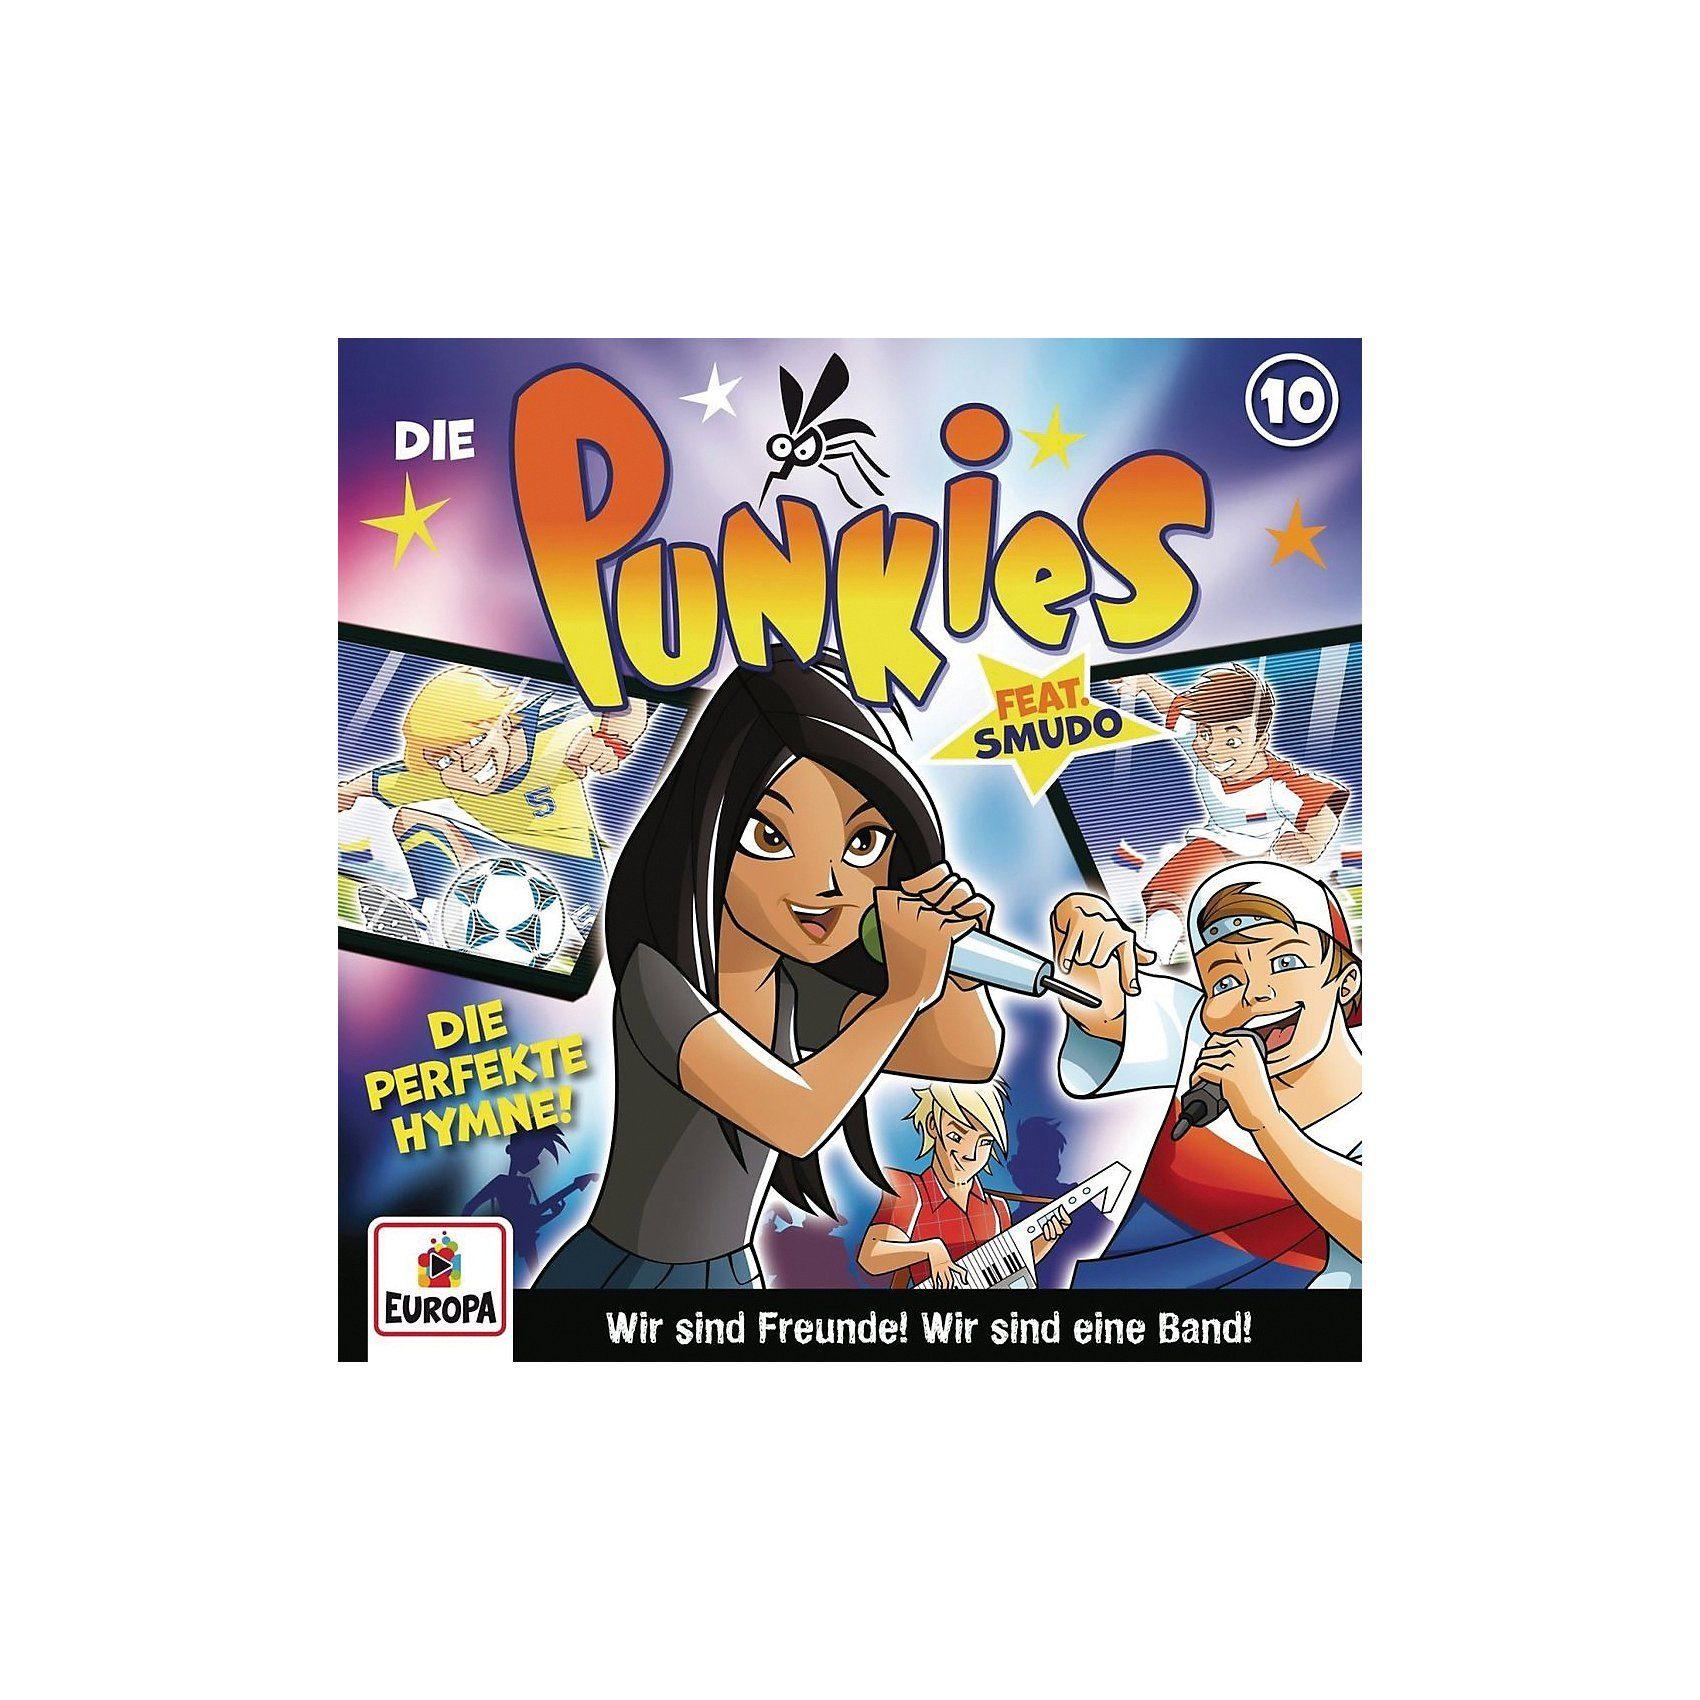 Sony CD Die Punkies 10 - Die perfekte Hymne!